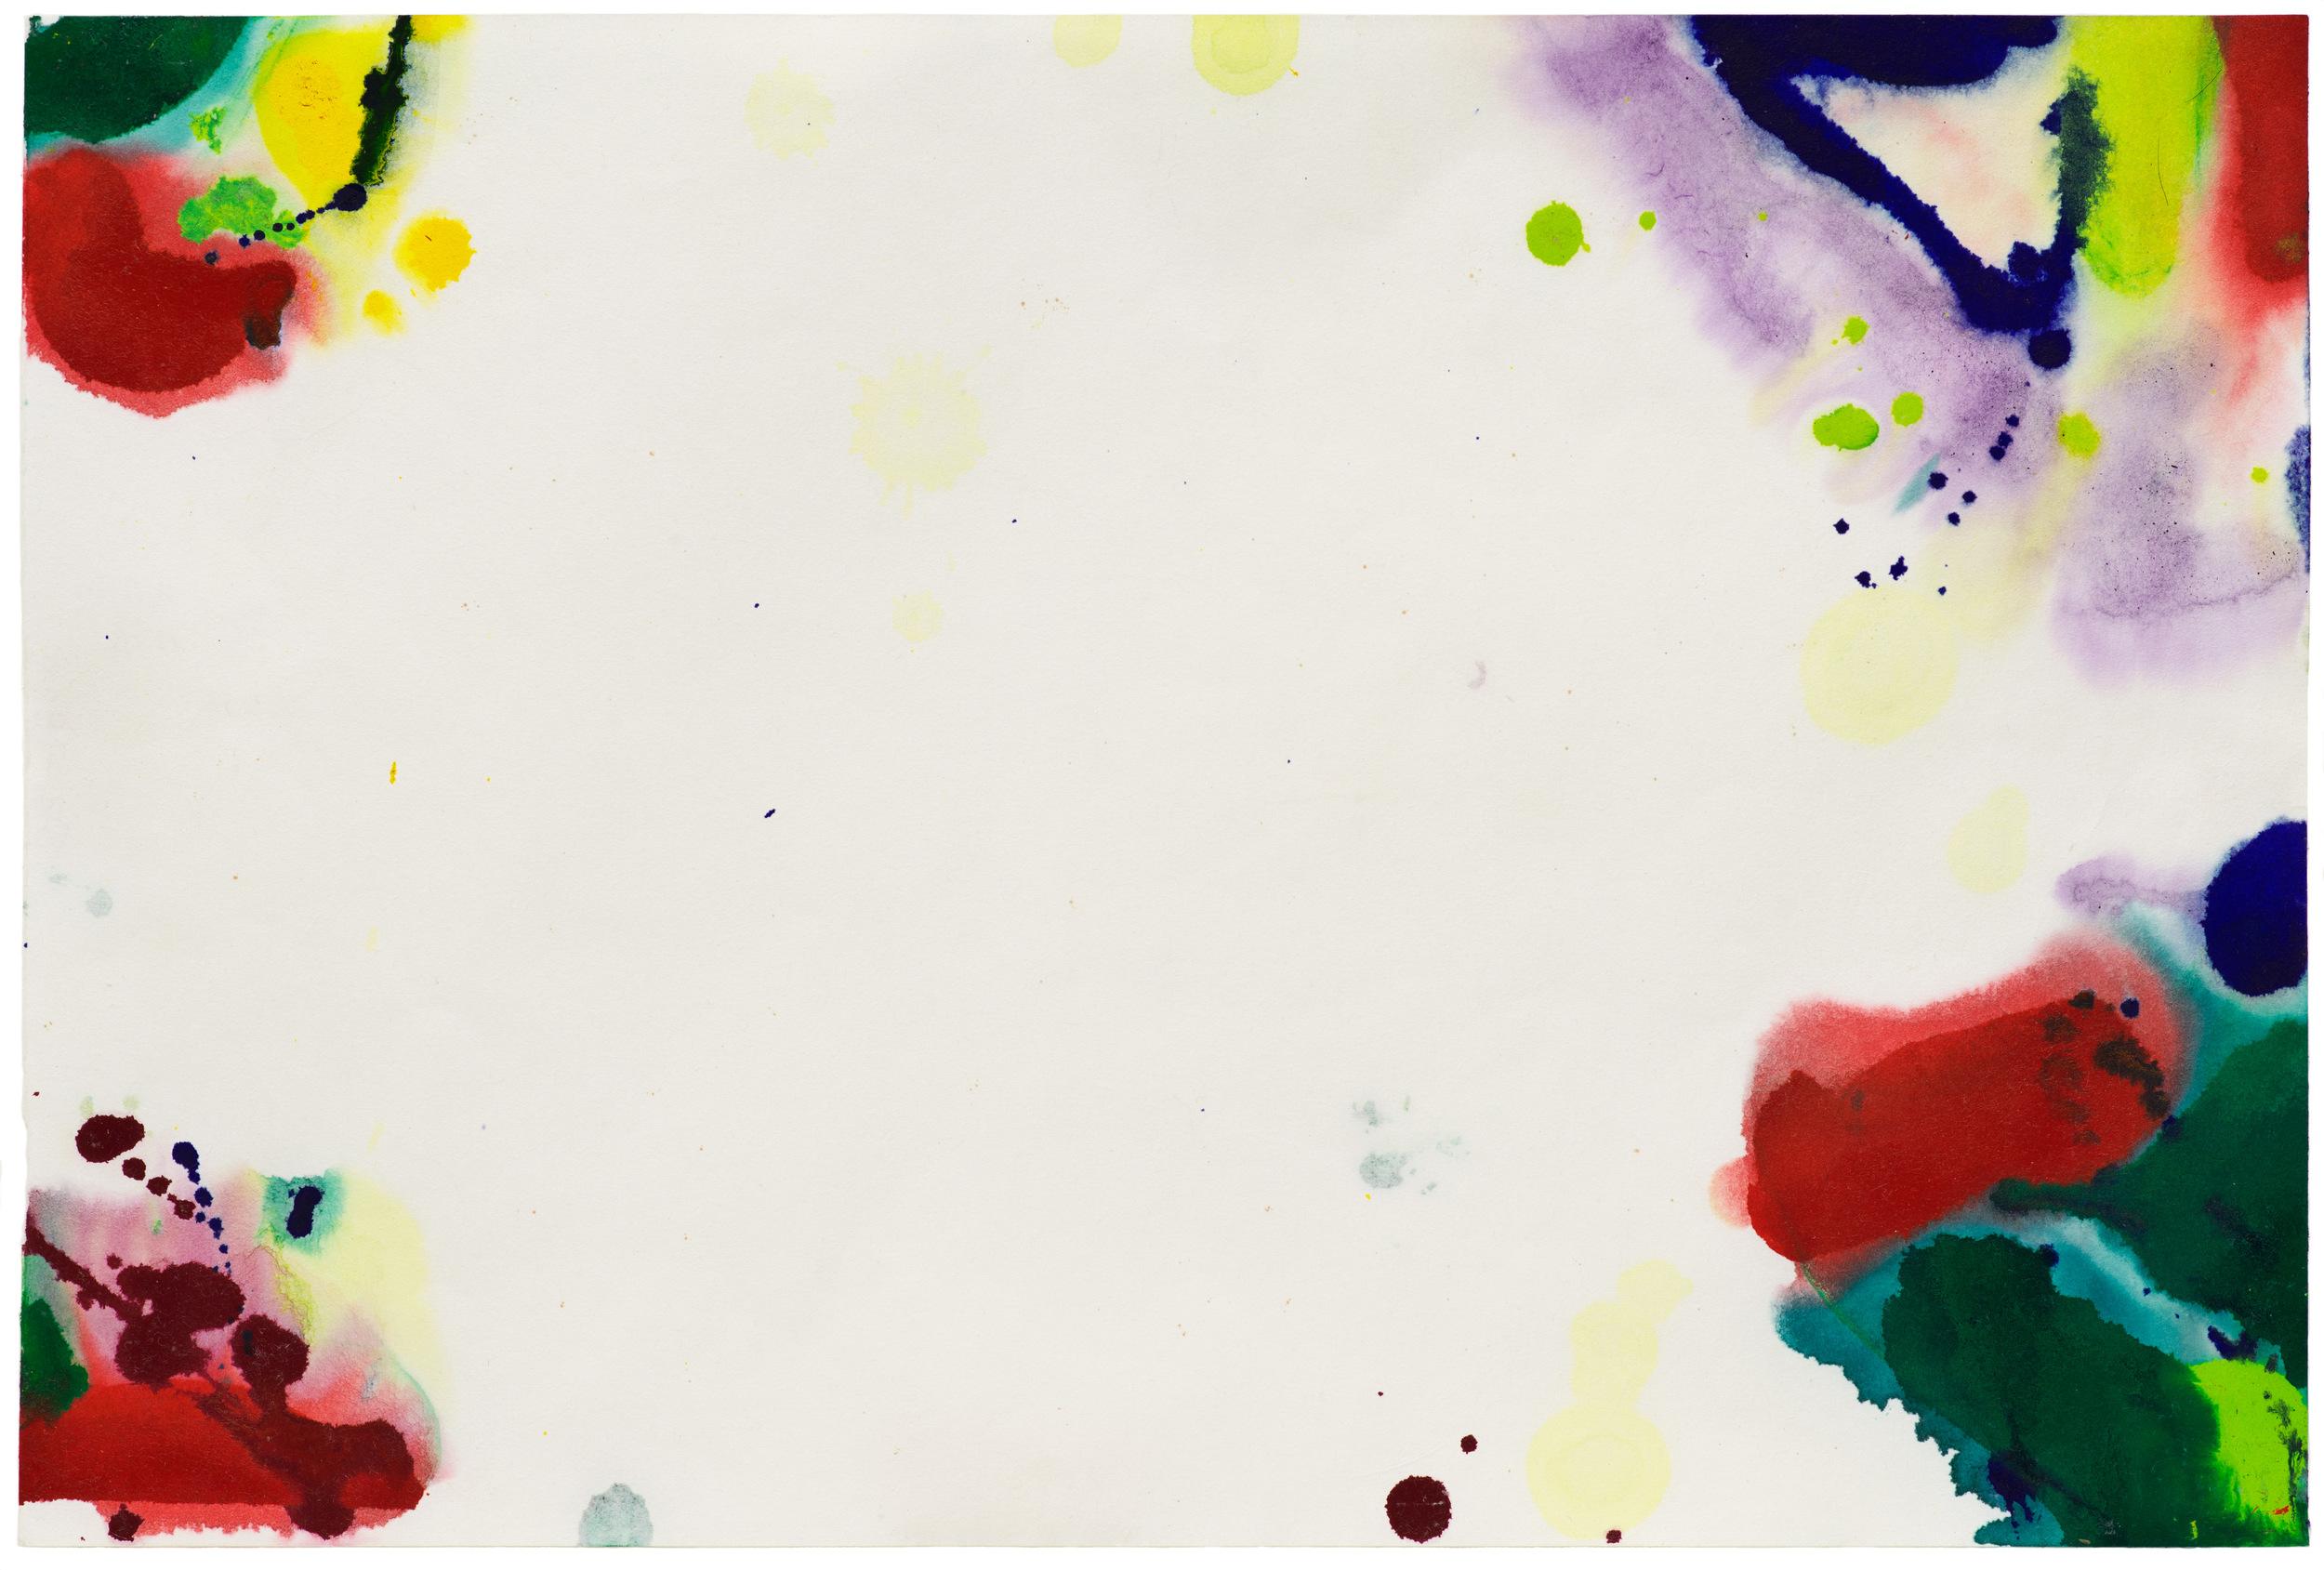 Sam Francis, Untitled SF68-10, 1968